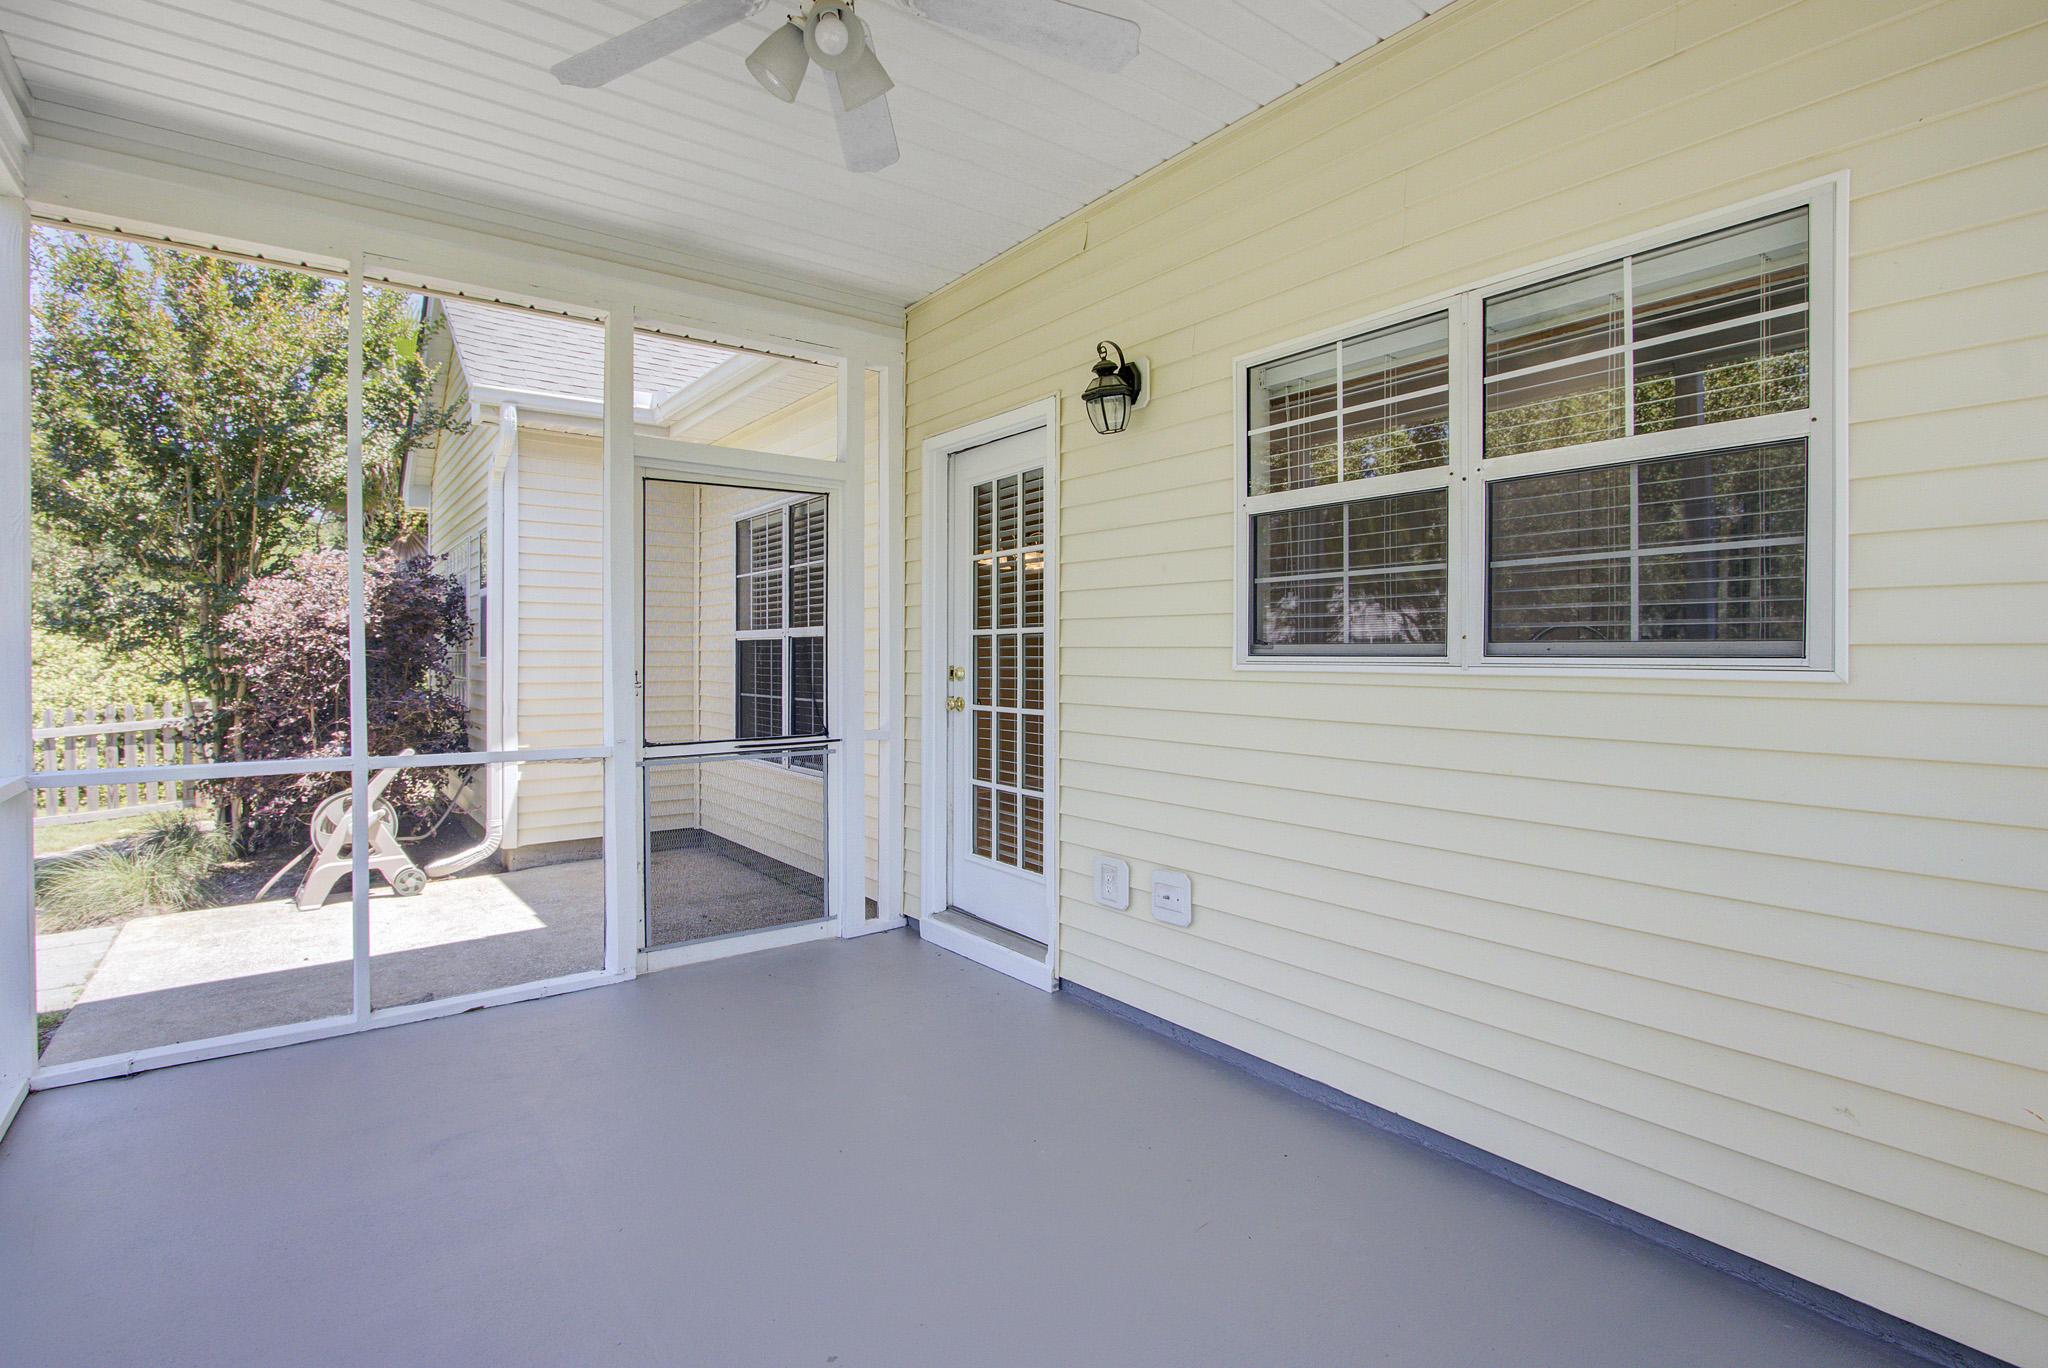 Dunes West Homes For Sale - 1645 Pin Oak Cut, Mount Pleasant, SC - 1